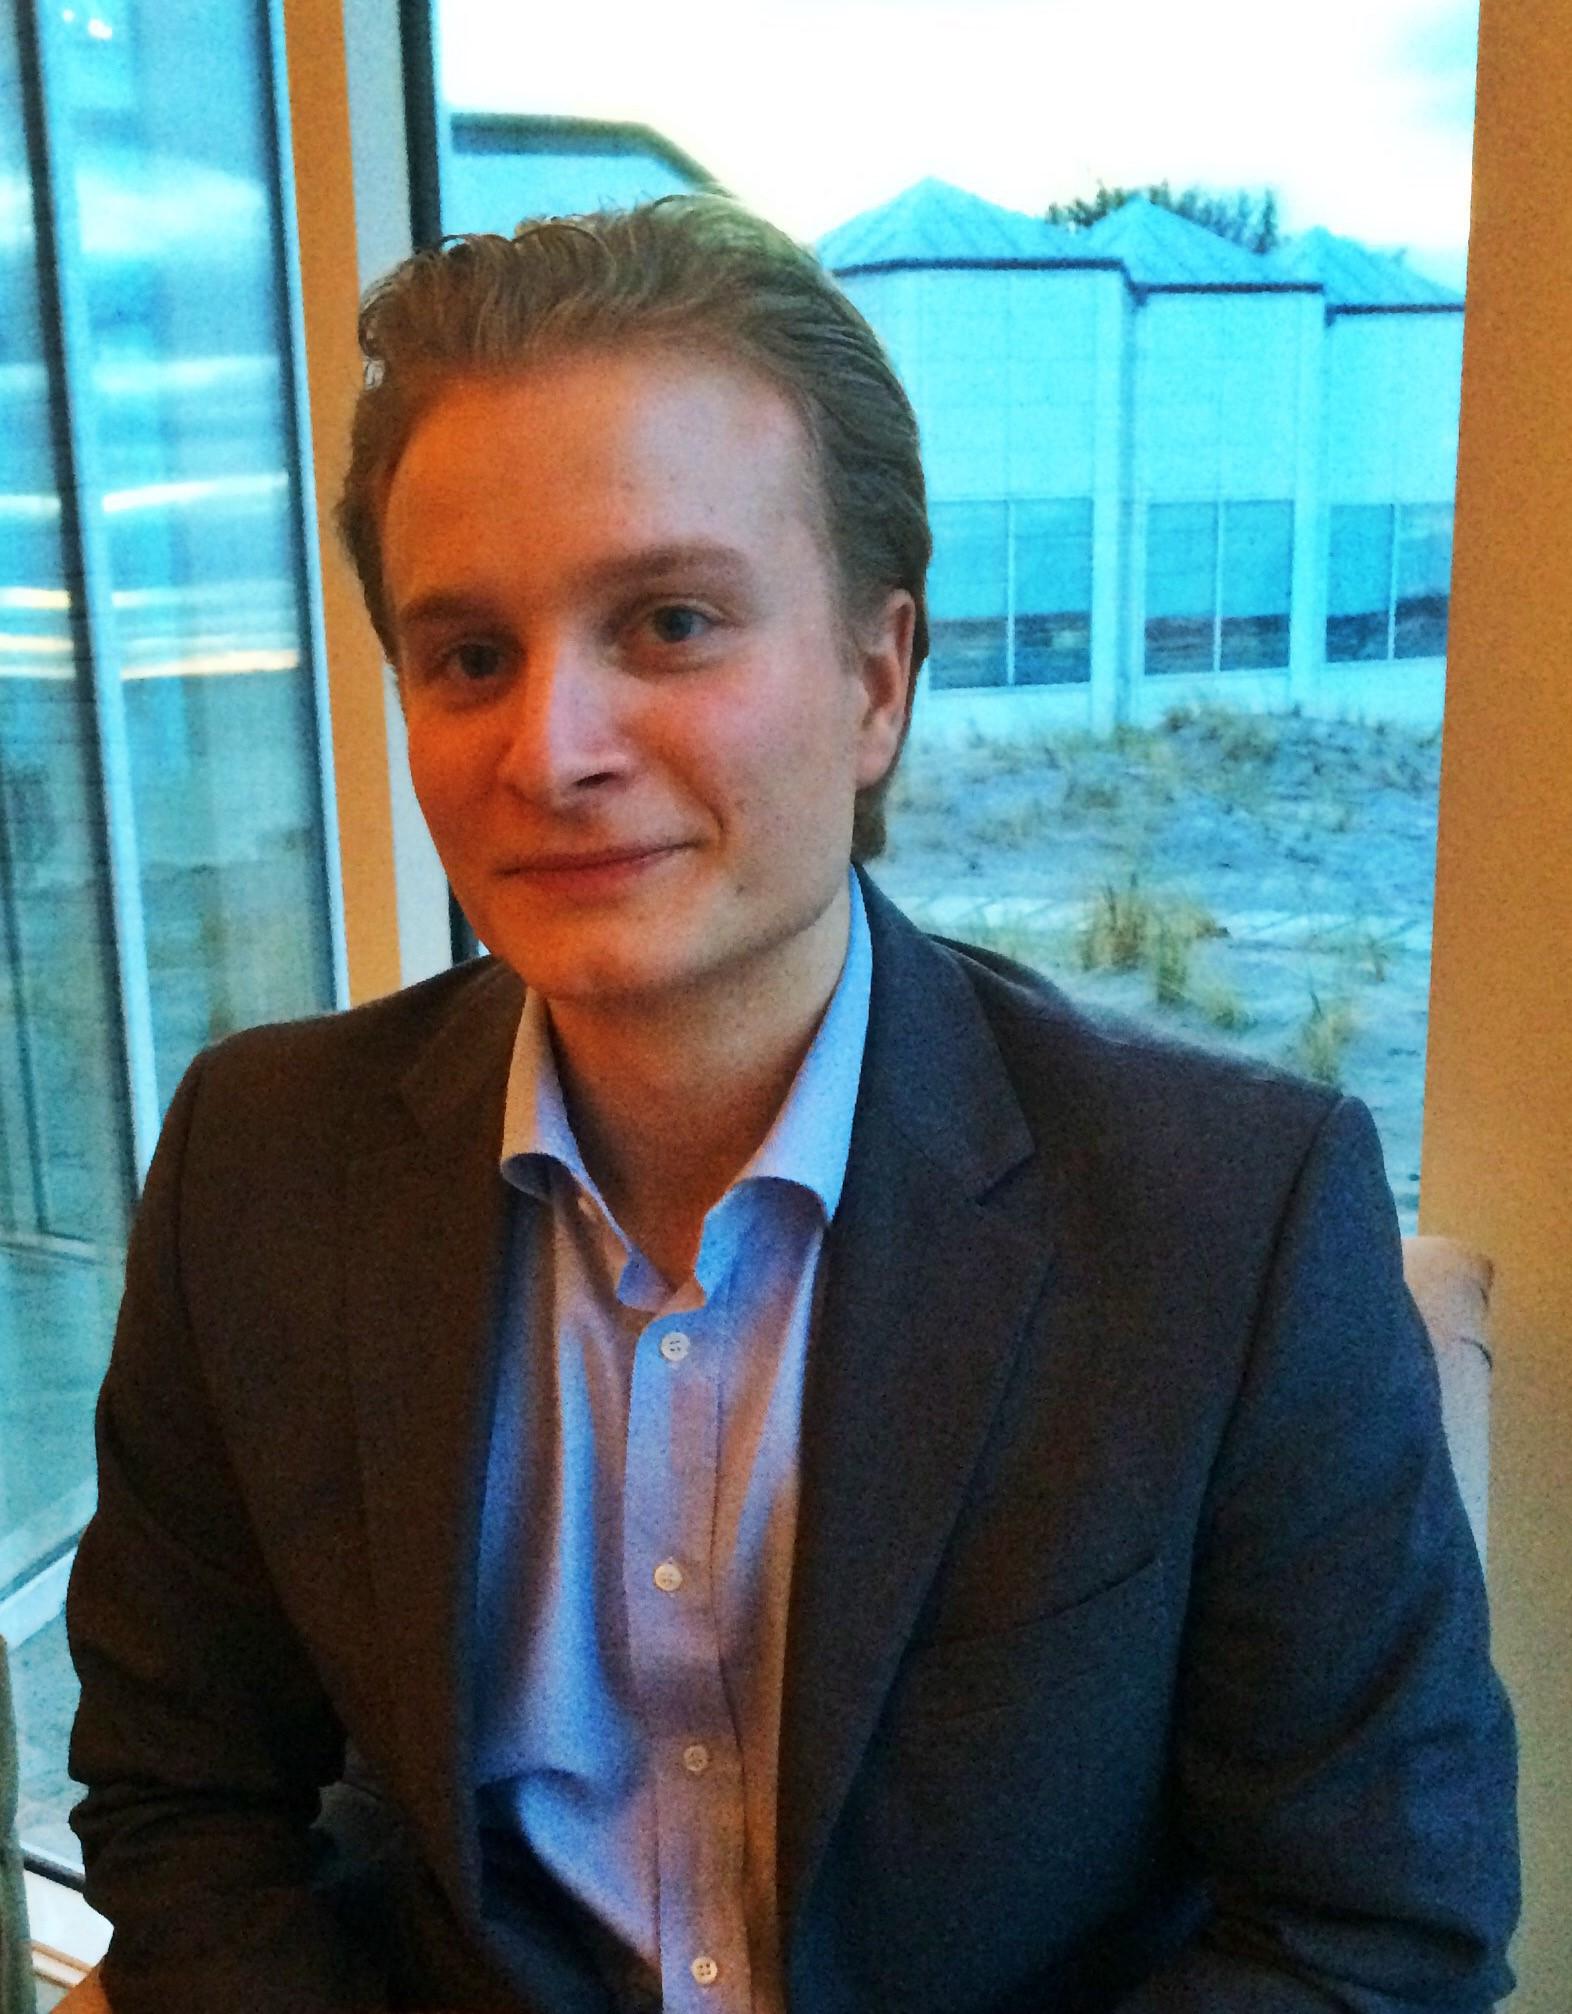 Mikkel Helbo Pedersen